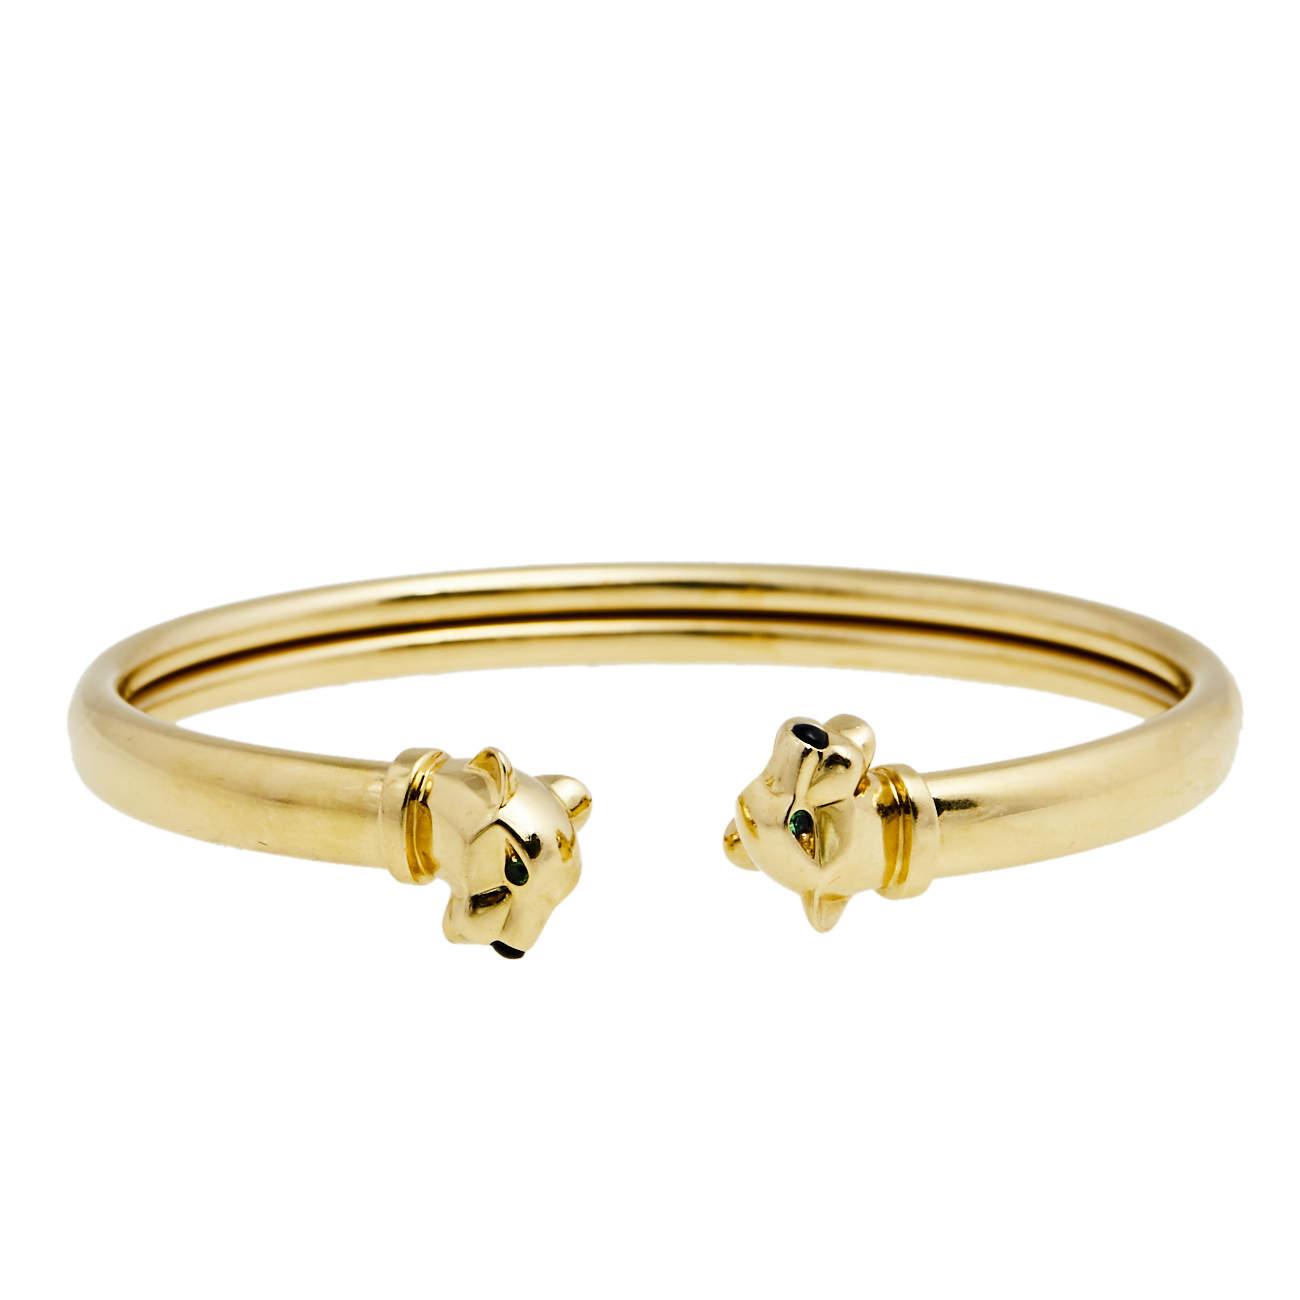 Cartier Panthere de Cartier Tsavorite Onyx 18K Yellow Gold Open Cuff Bracelet 18